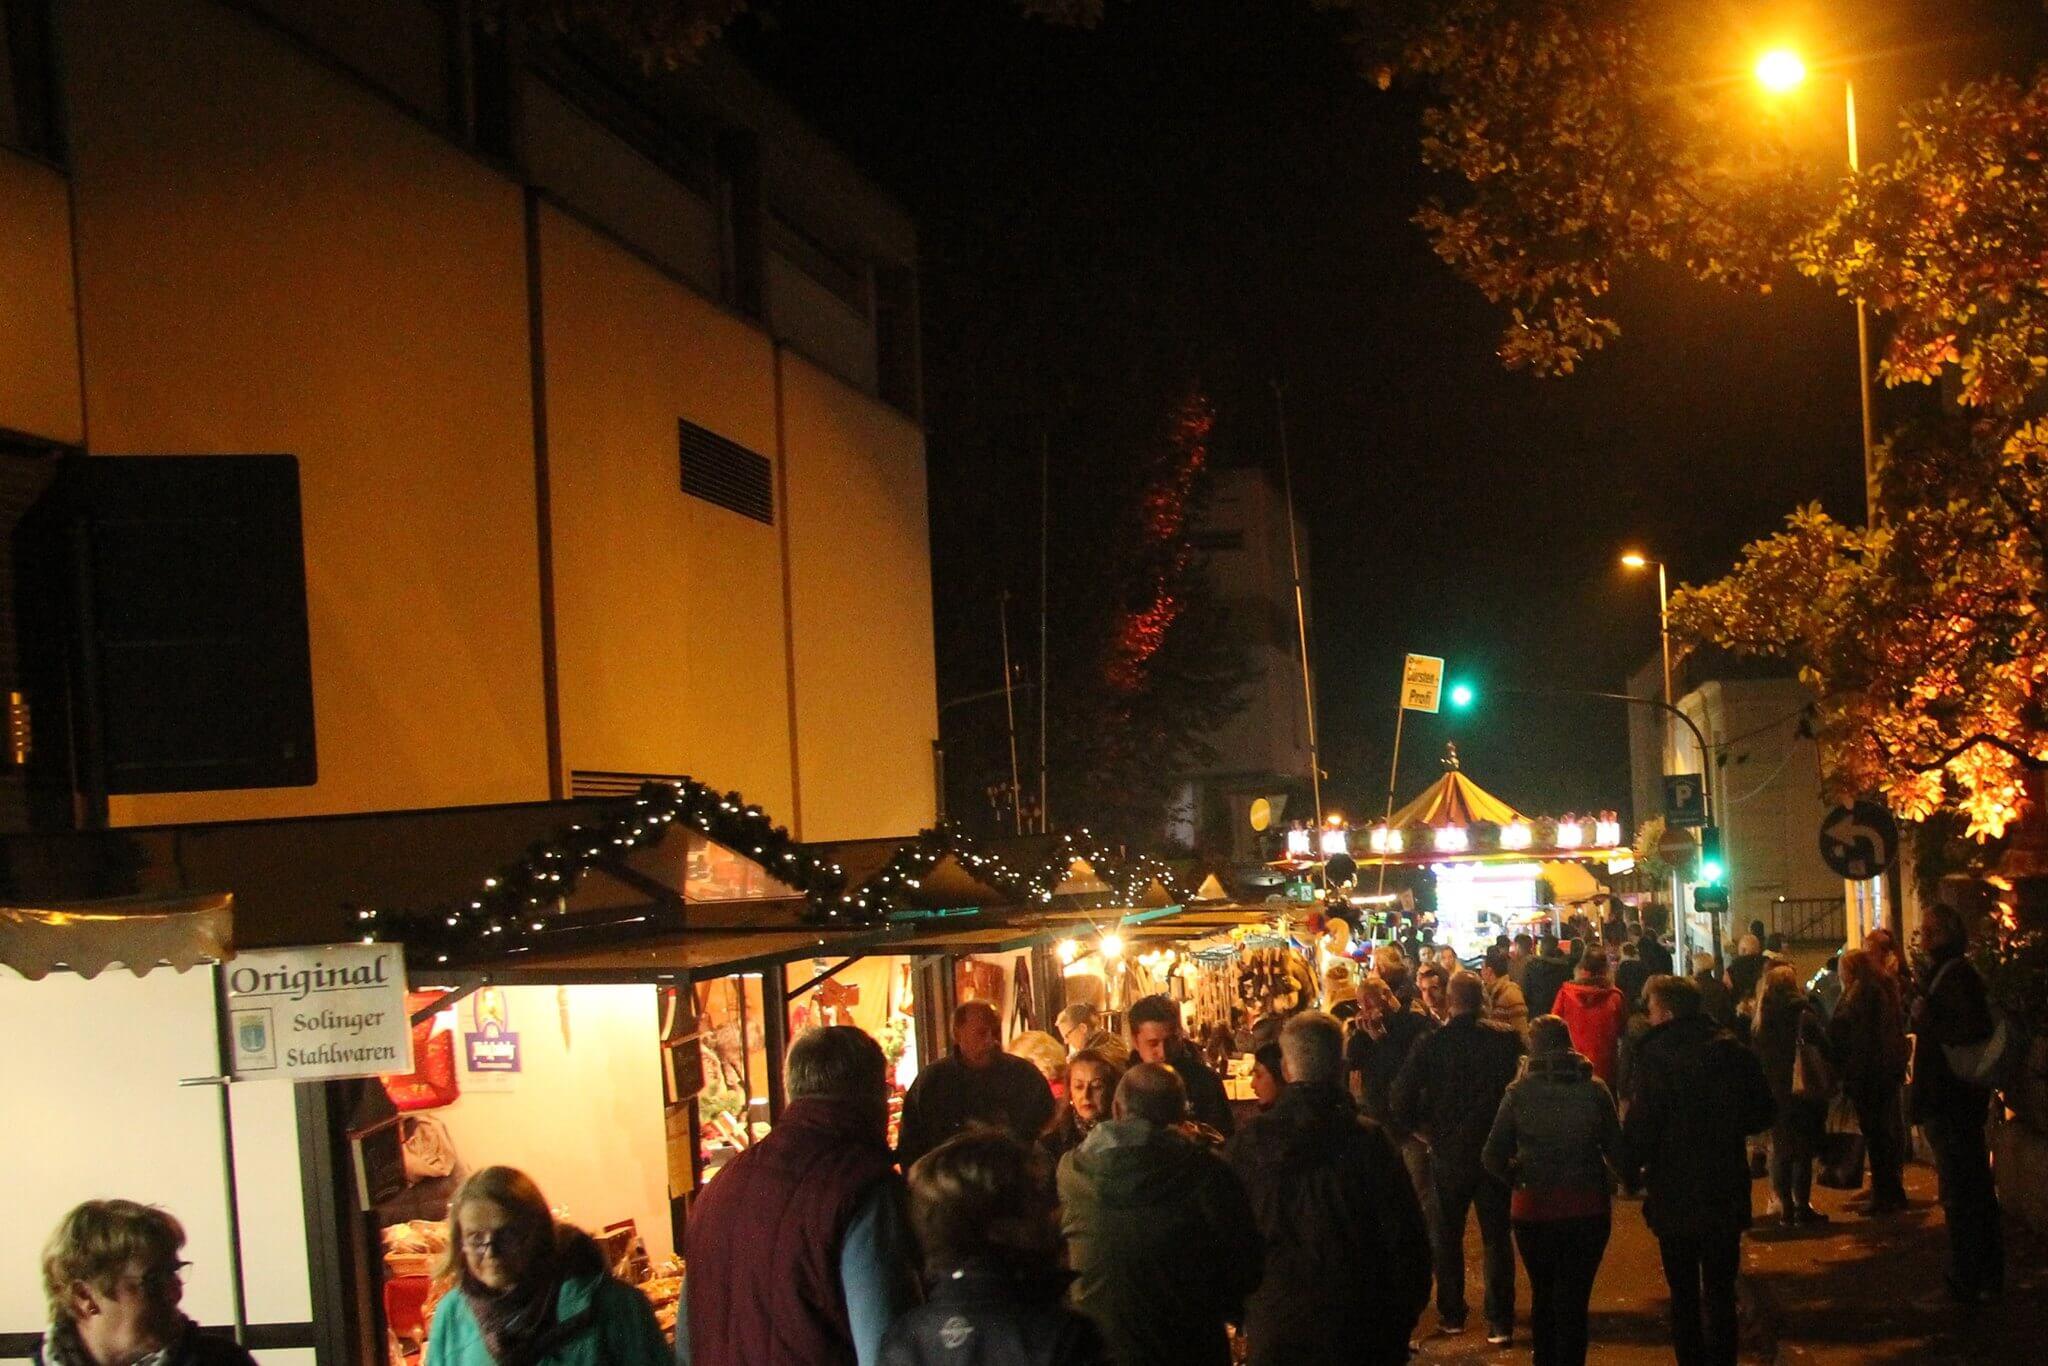 Blick in die Bahnhofstrasse zum Martinimarkt 2016 in Bad Honnef dem Stadtfest in Nordrhein Westfalen